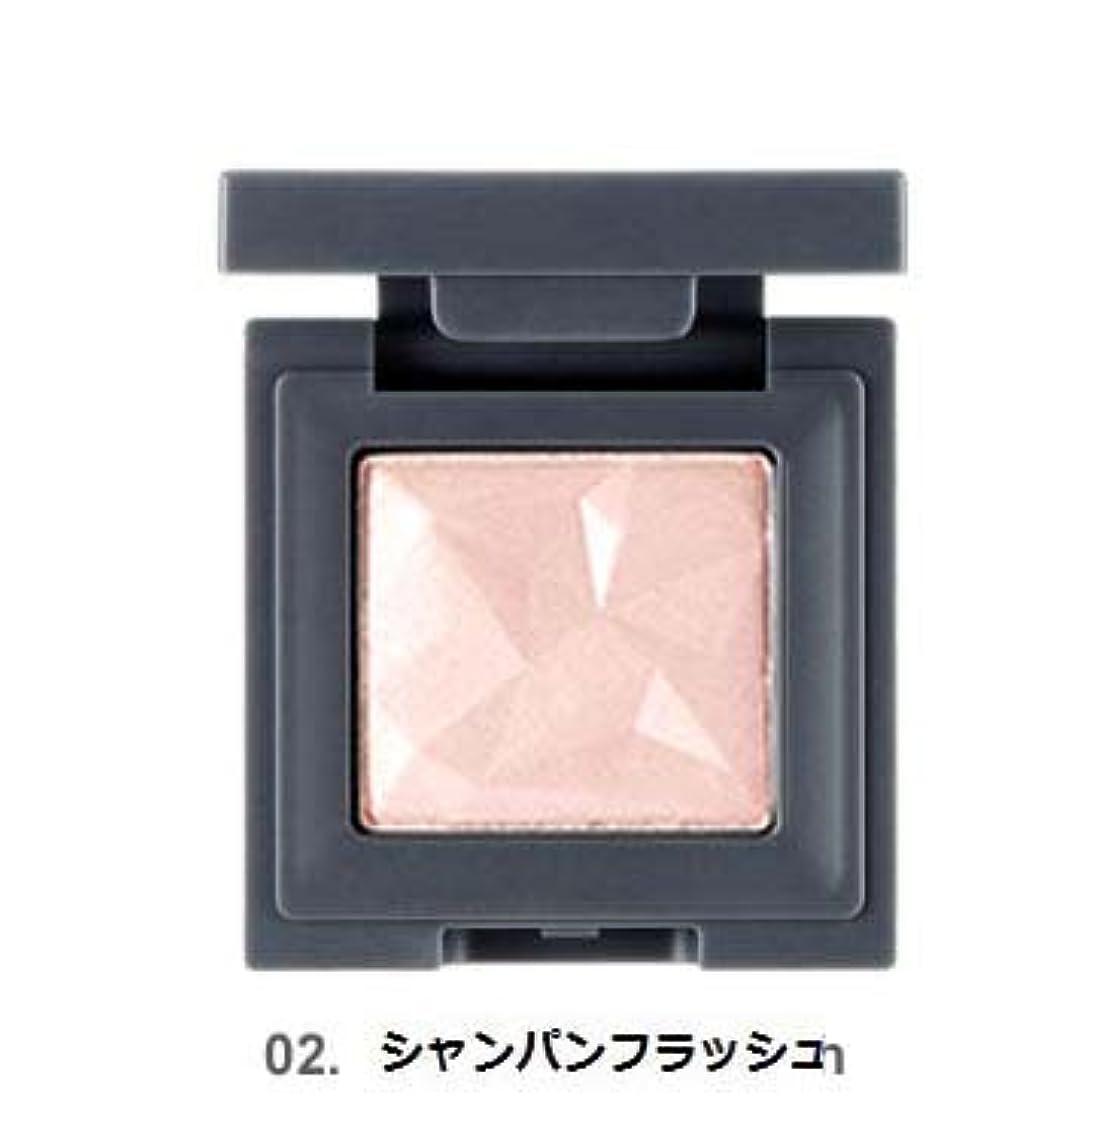 不十分な習熟度マーキー[ザ?フェイスショップ] THE FACE SHOP [プリズム キューブ アイシャドウ 12カラー] (Prism Cube Eye Shadow 1.8g - 12 shades) [海外直送品] (02. シャンパンフラッシュ)